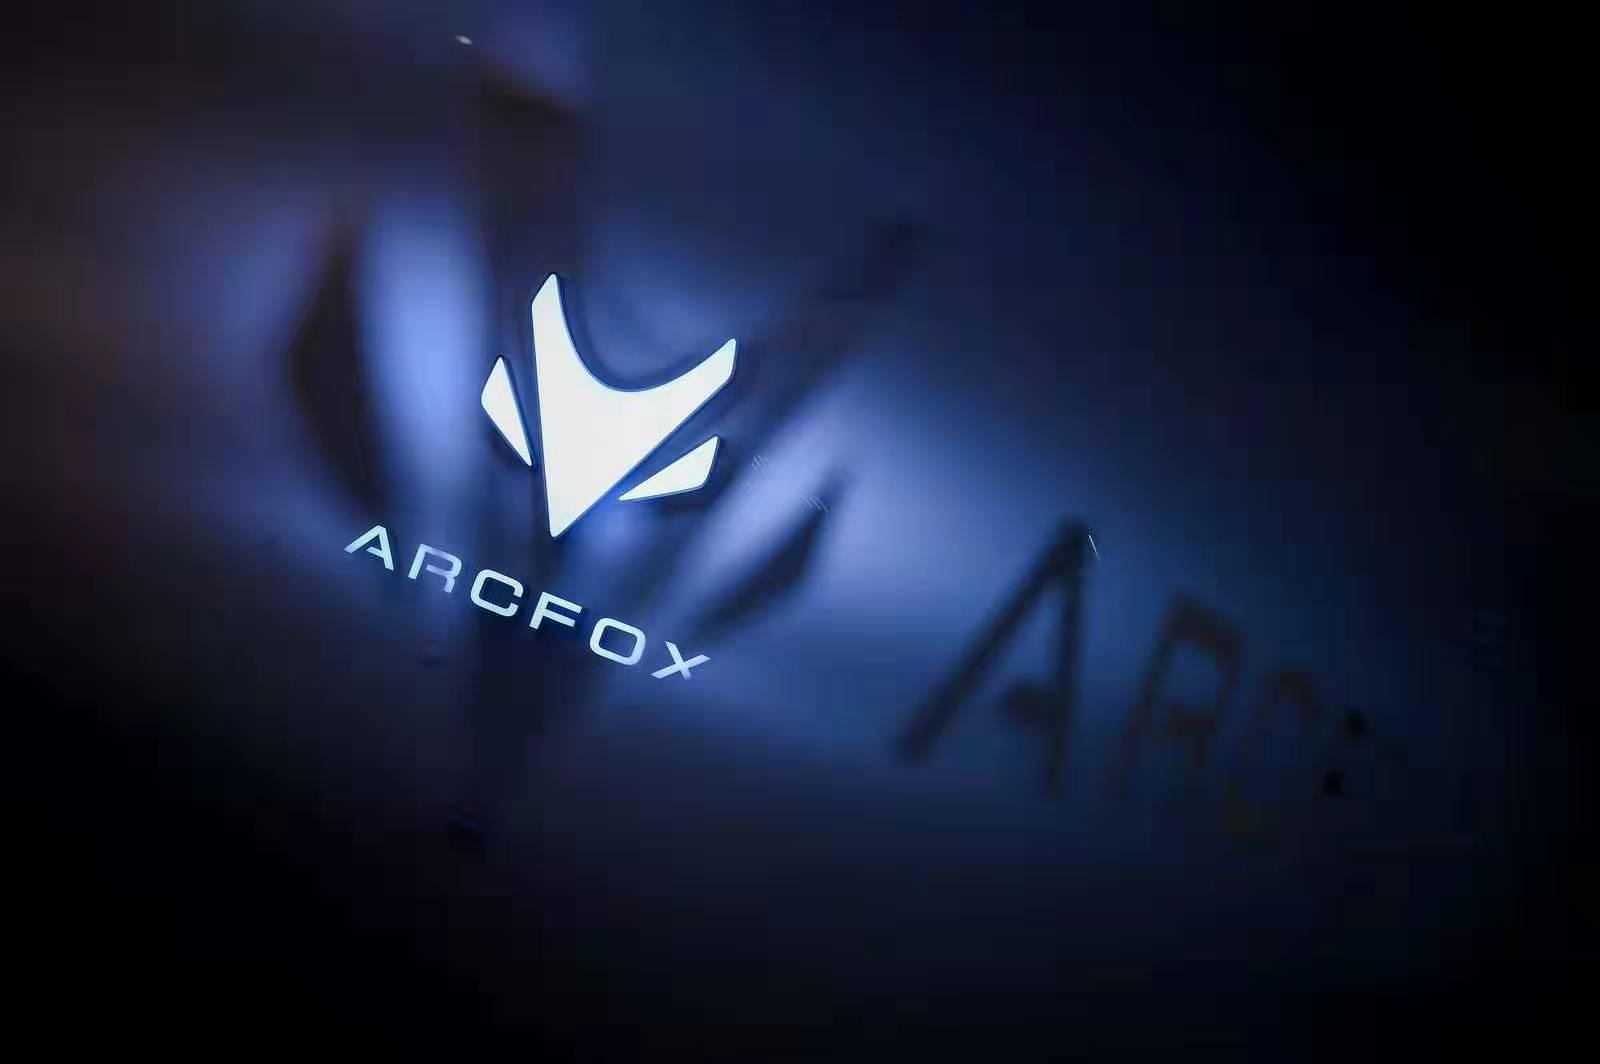 北汽高端品牌ARCFOX全球首发